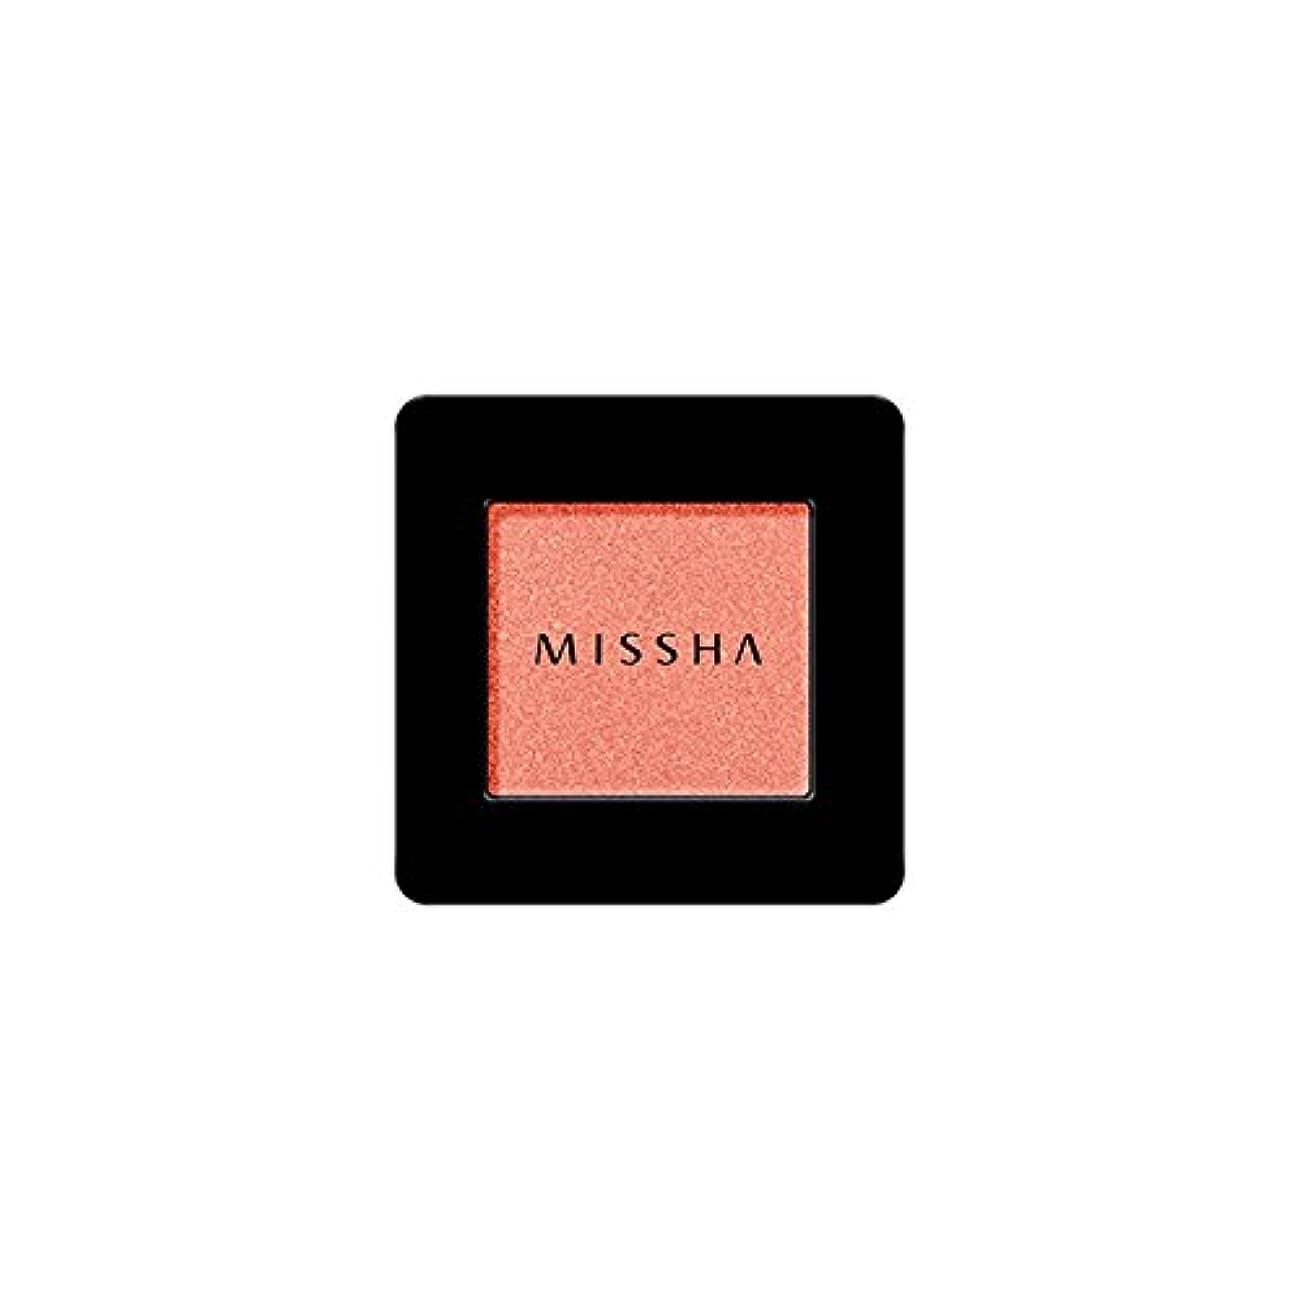 リー後悔誠実MISSHA Modern Shadow [SHIMMER] 1.8g (#SRD01 Catch Fire)/ミシャ モダン シャドウ [シマー] 1.8g (#SRD01 Catch Fire)